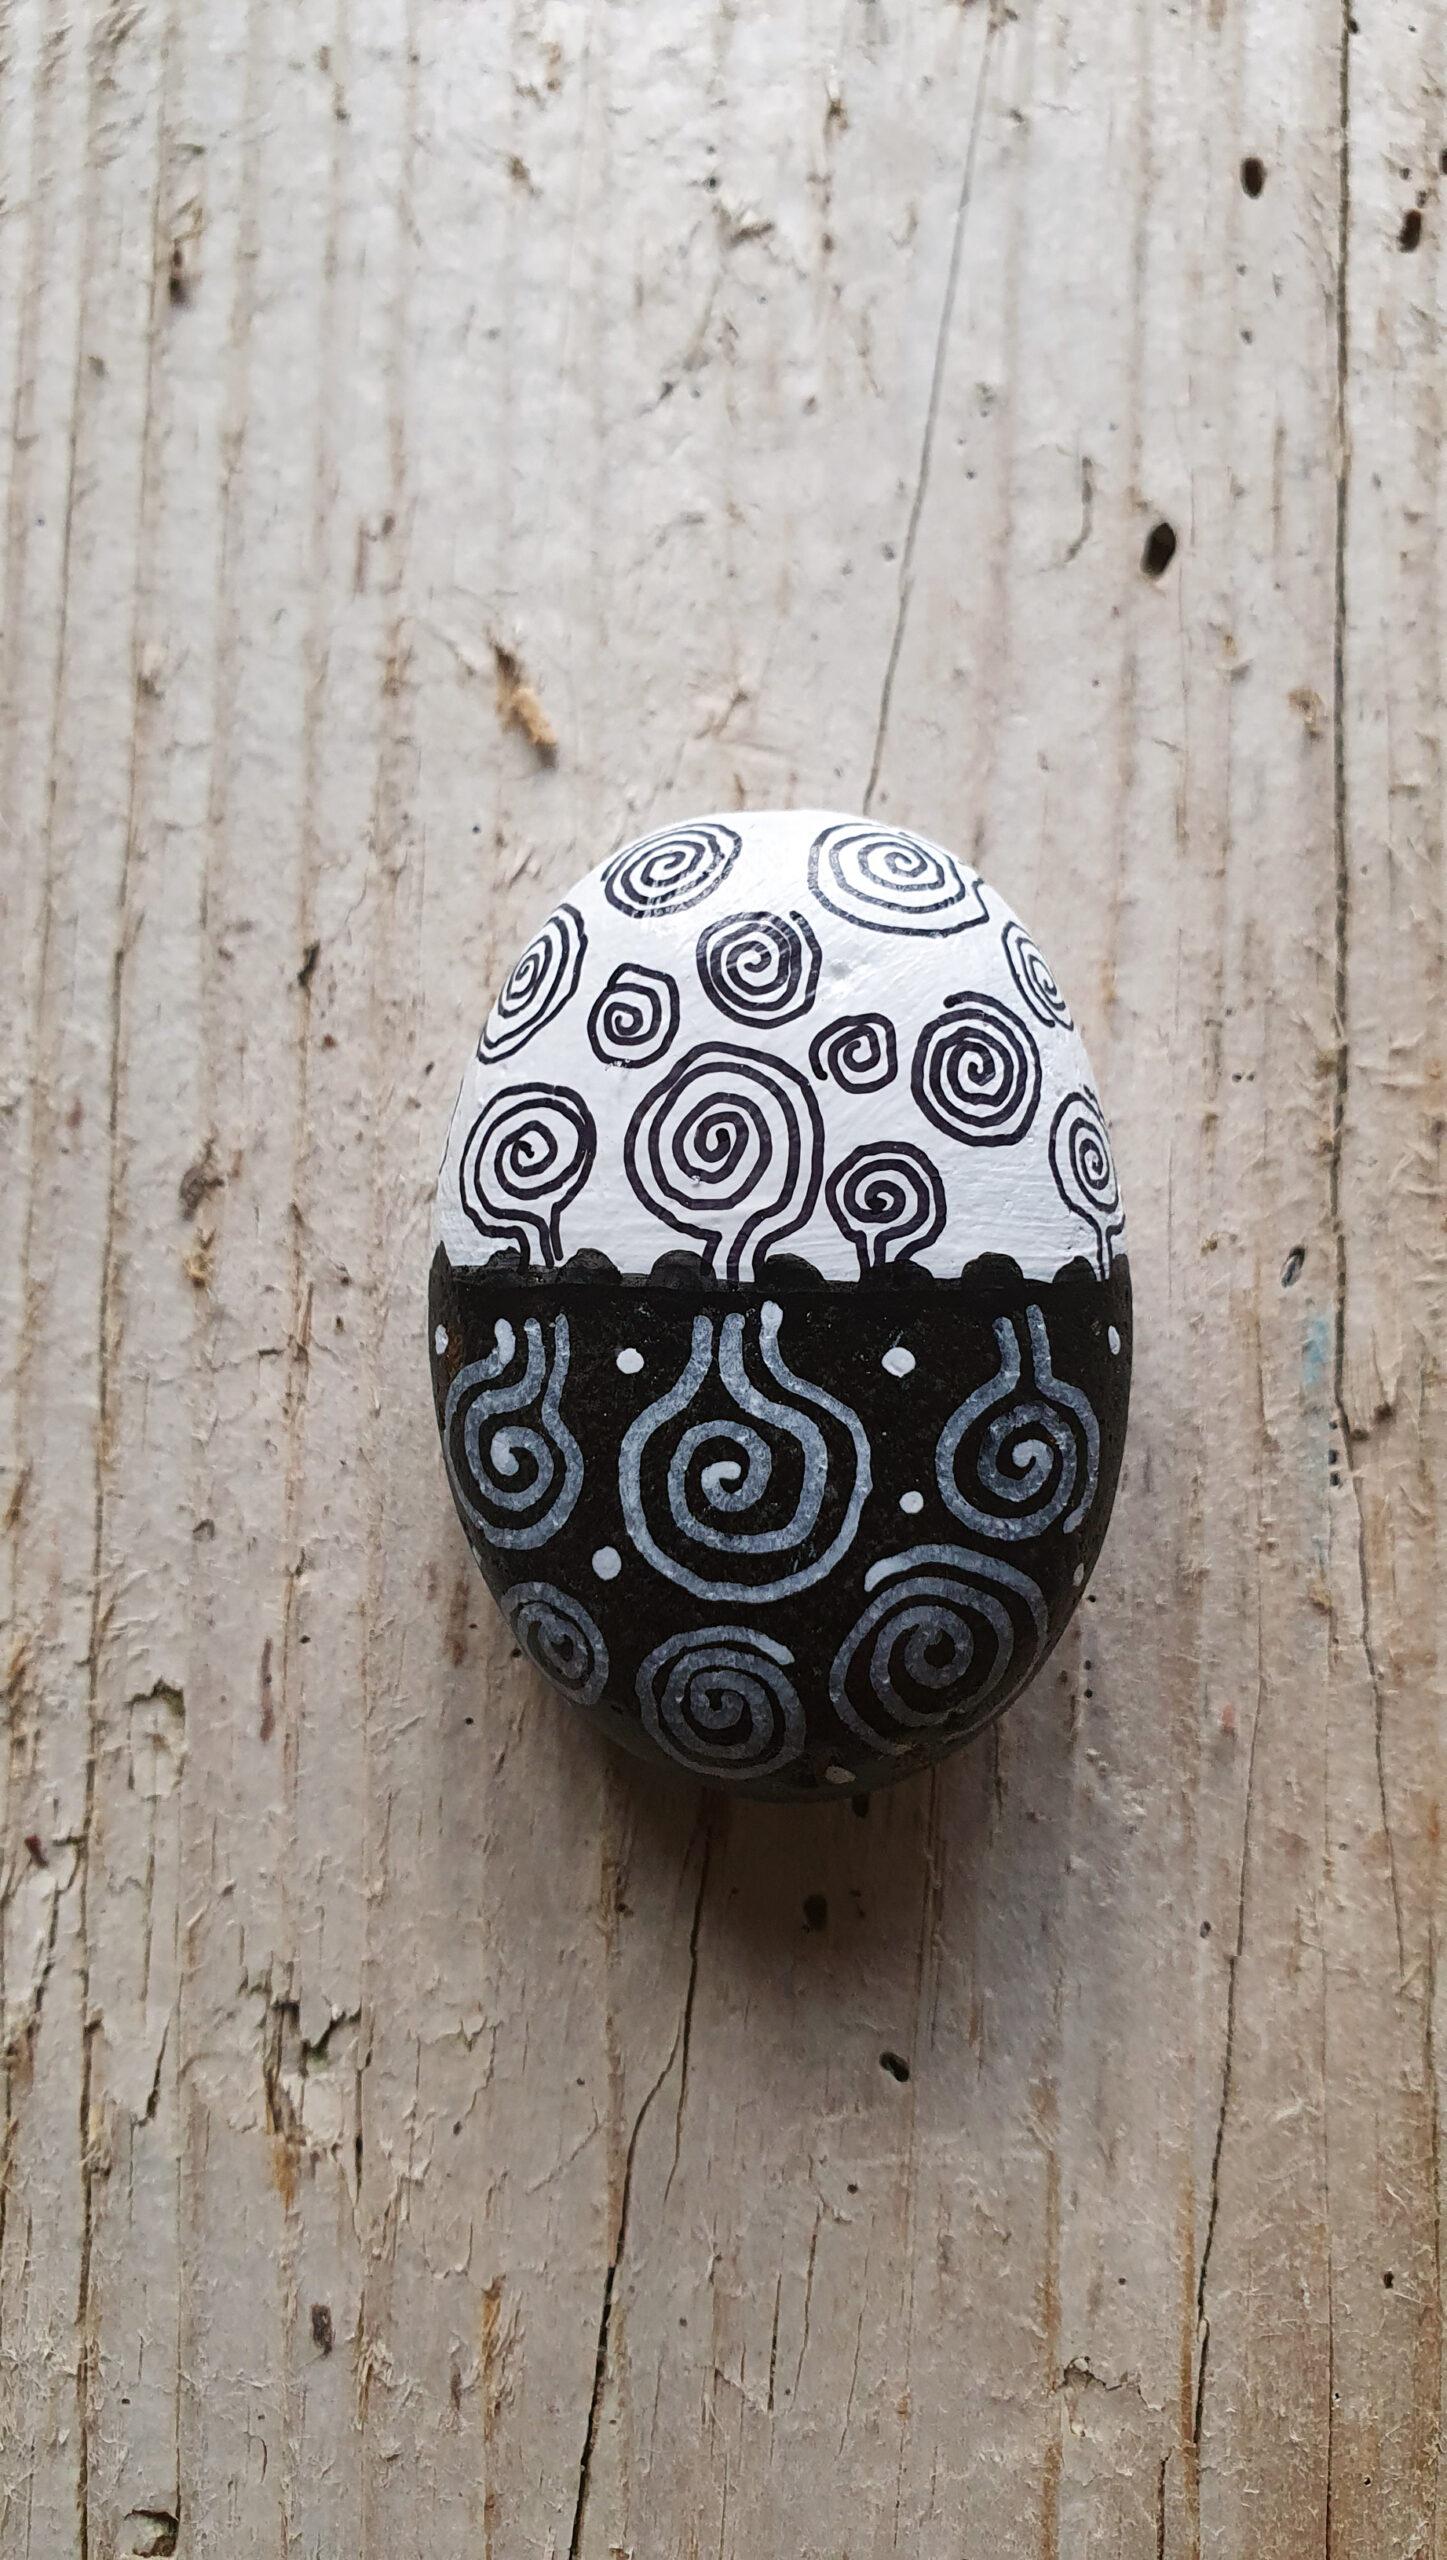 Strandkiesel mit Ornamenten, stone design by Calla Hueppe, Claudie Hamburg, Gezeiten-Hölzer